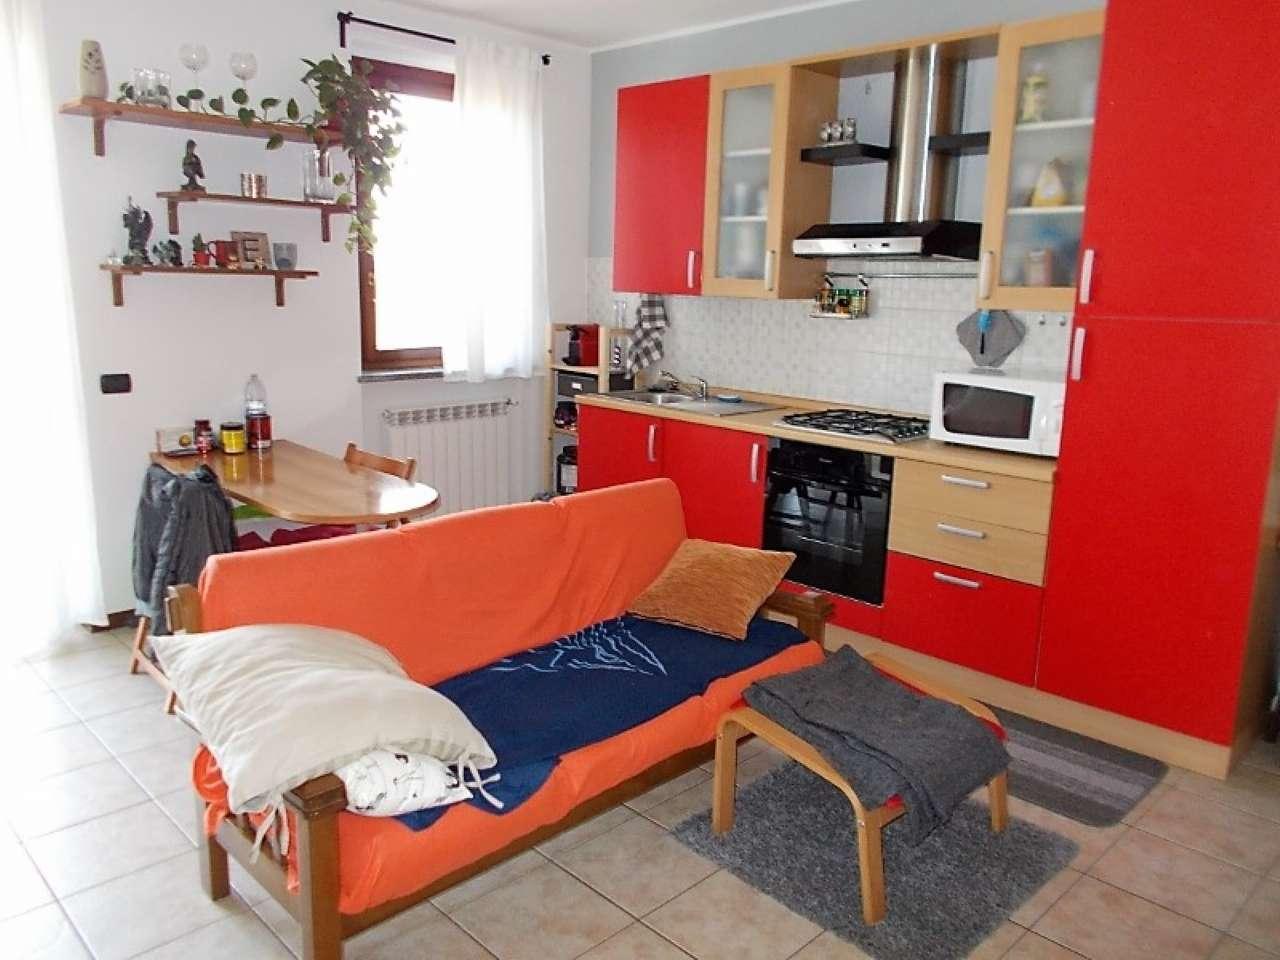 Appartamento in affitto a San Martino Siccomario, 2 locali, prezzo € 450 | CambioCasa.it